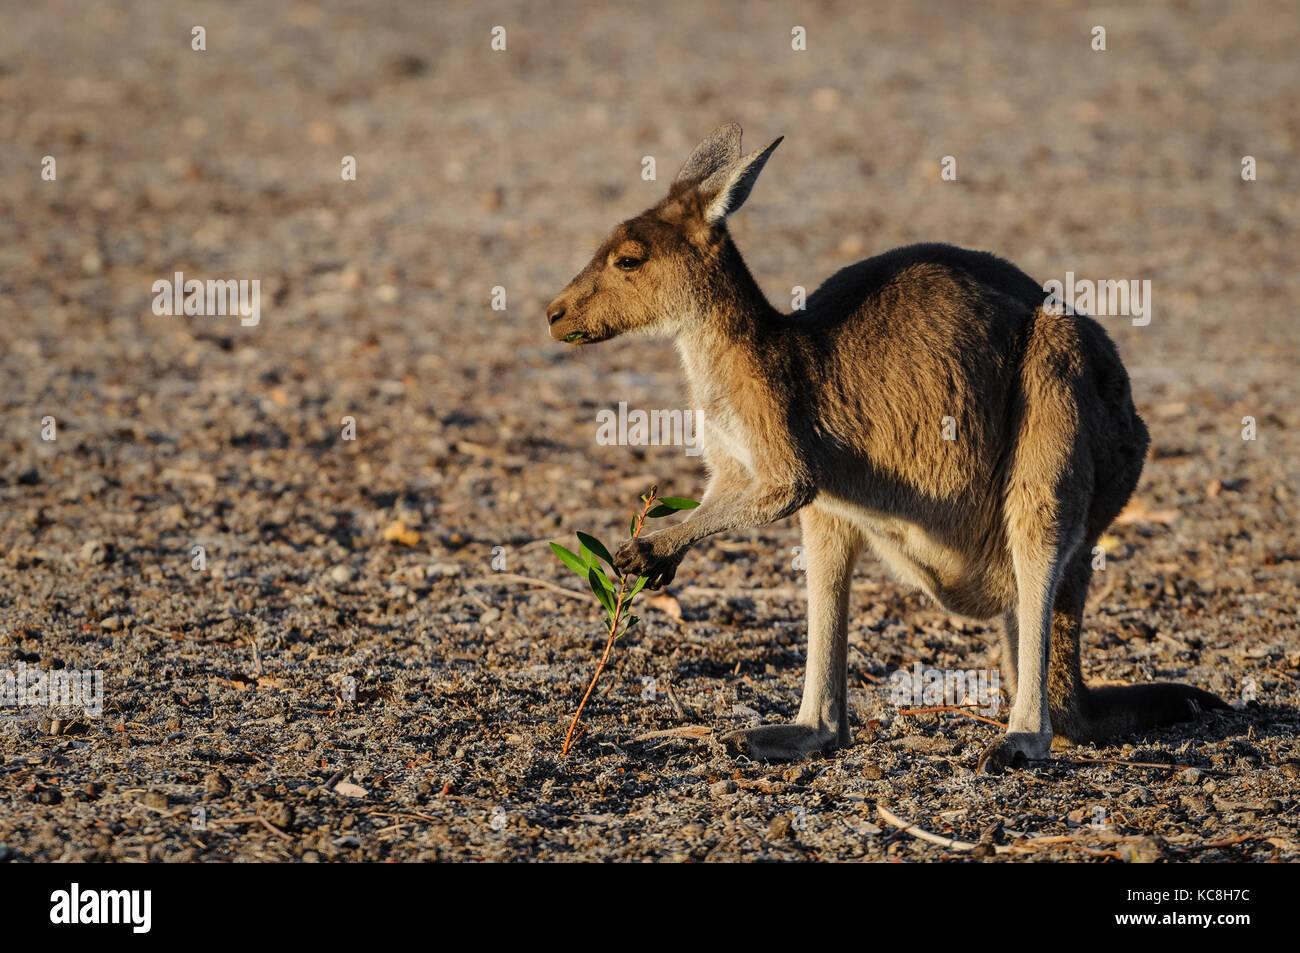 Western grigio a dar da mangiare ai canguri sull'ultimo verde in un osso pianura a secco. Immagini Stock